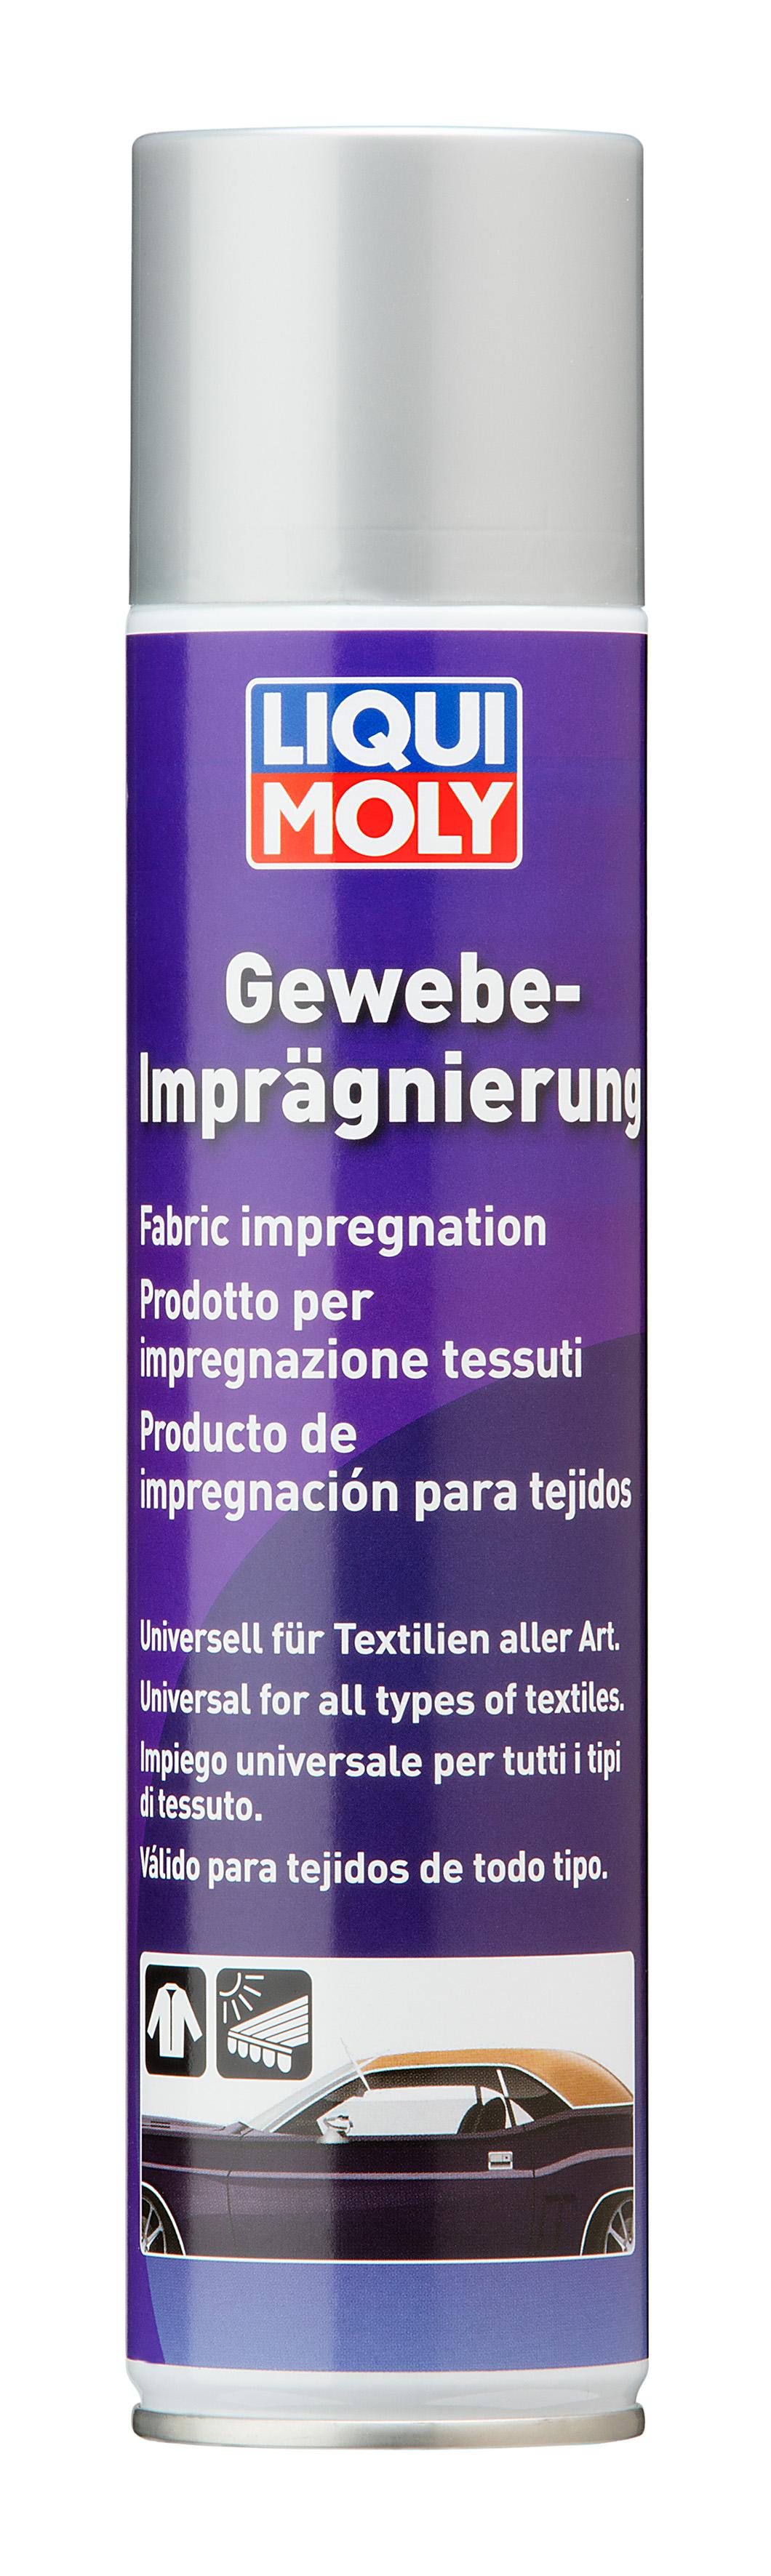 Гидрозащита кожи и текстиля Gewebe-Impragnierung